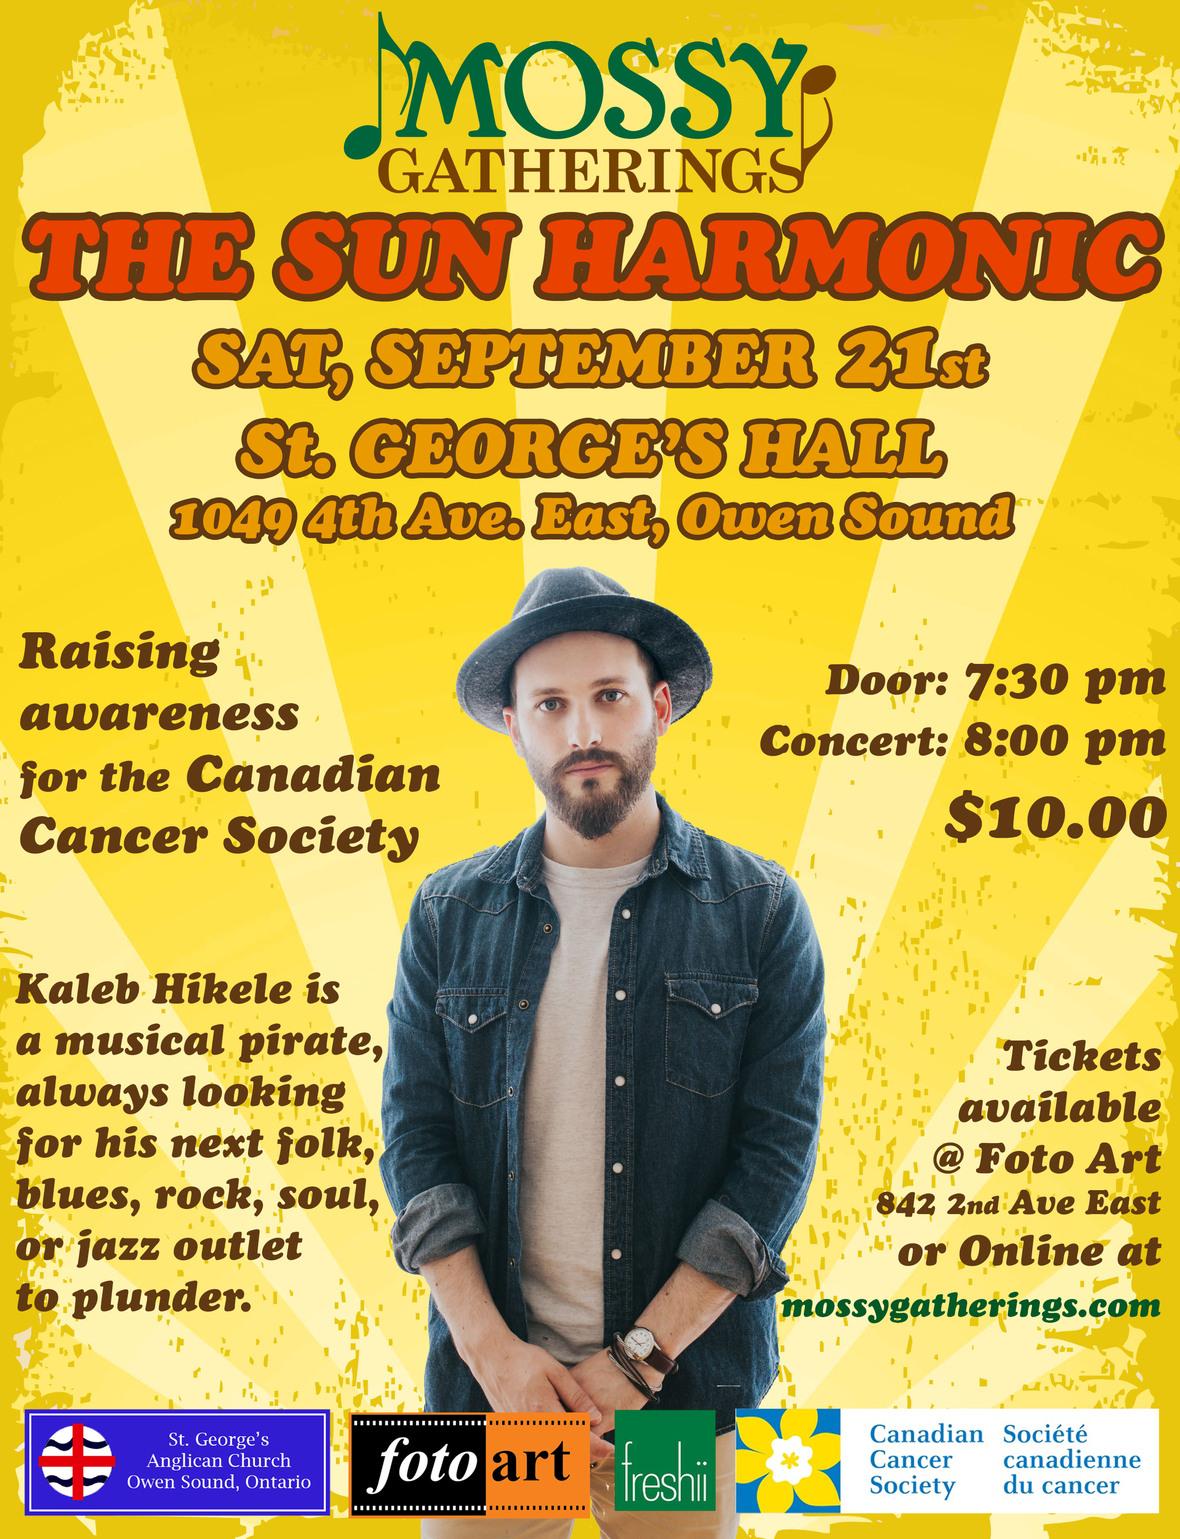 The Sun Harmonic version 2